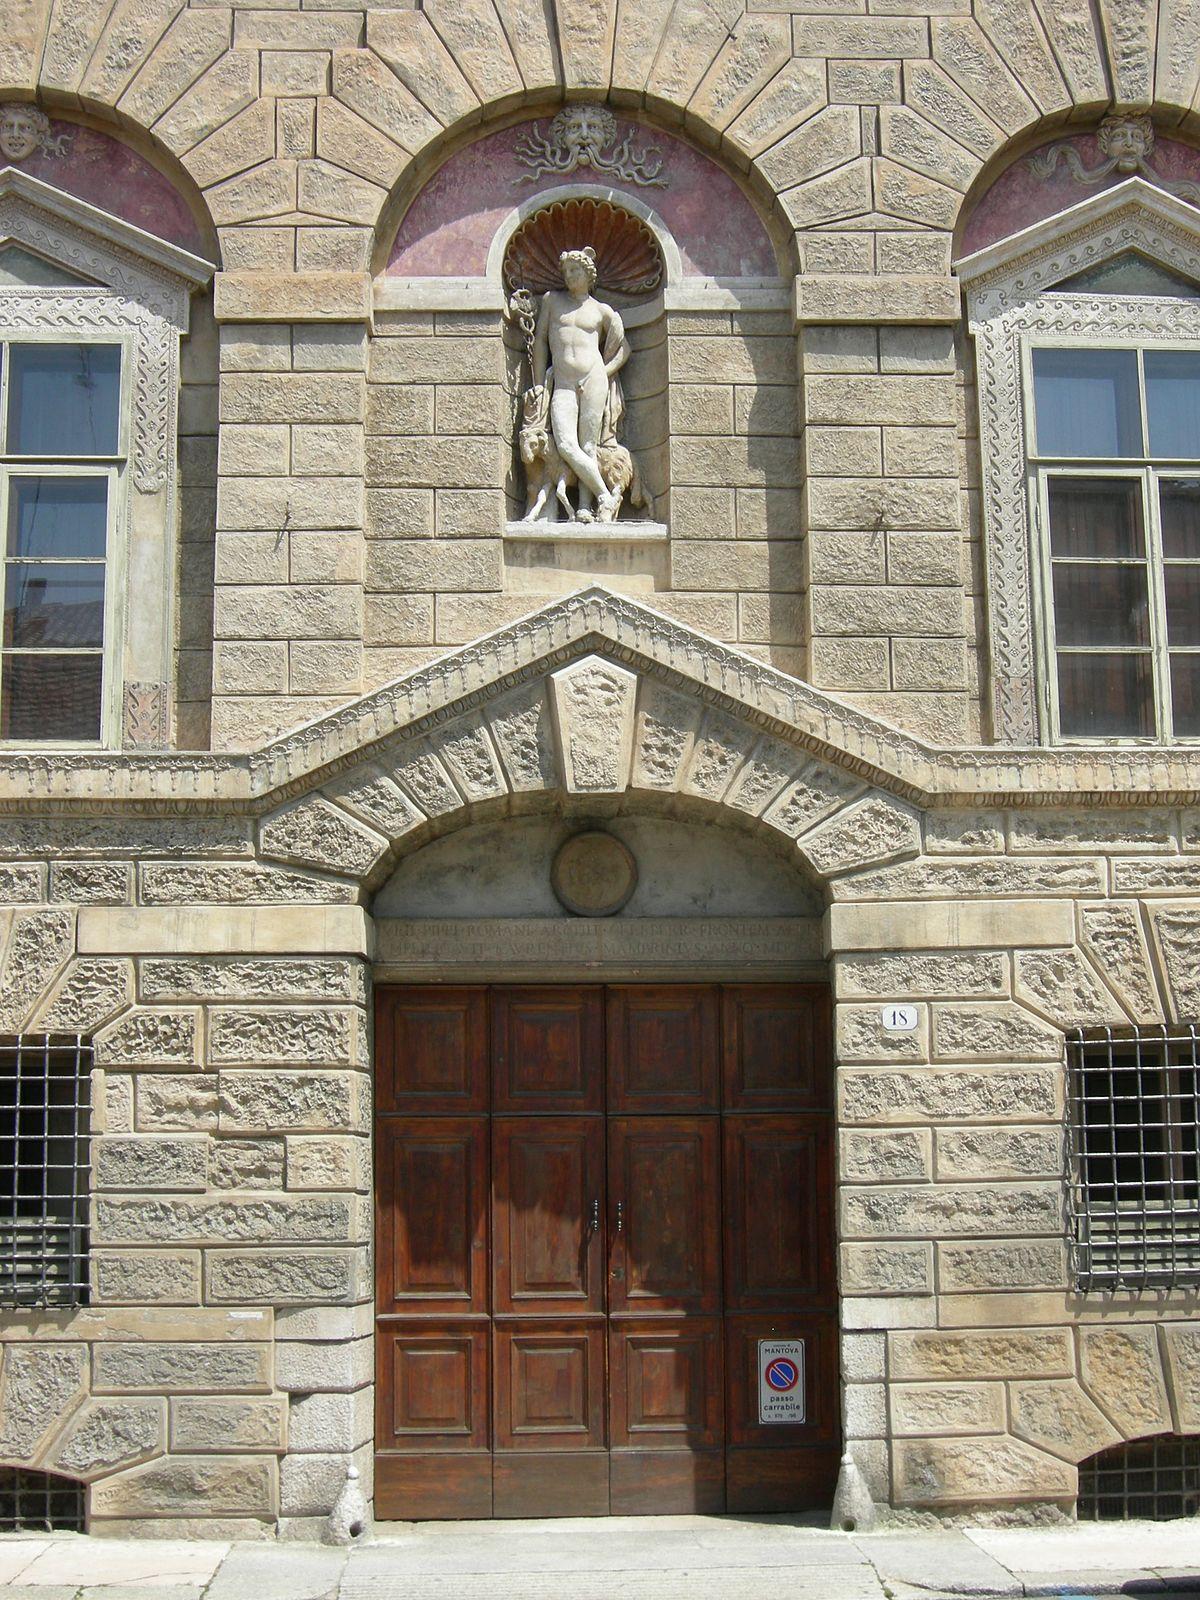 Casa di giulio romano wikipedia for Case di casa